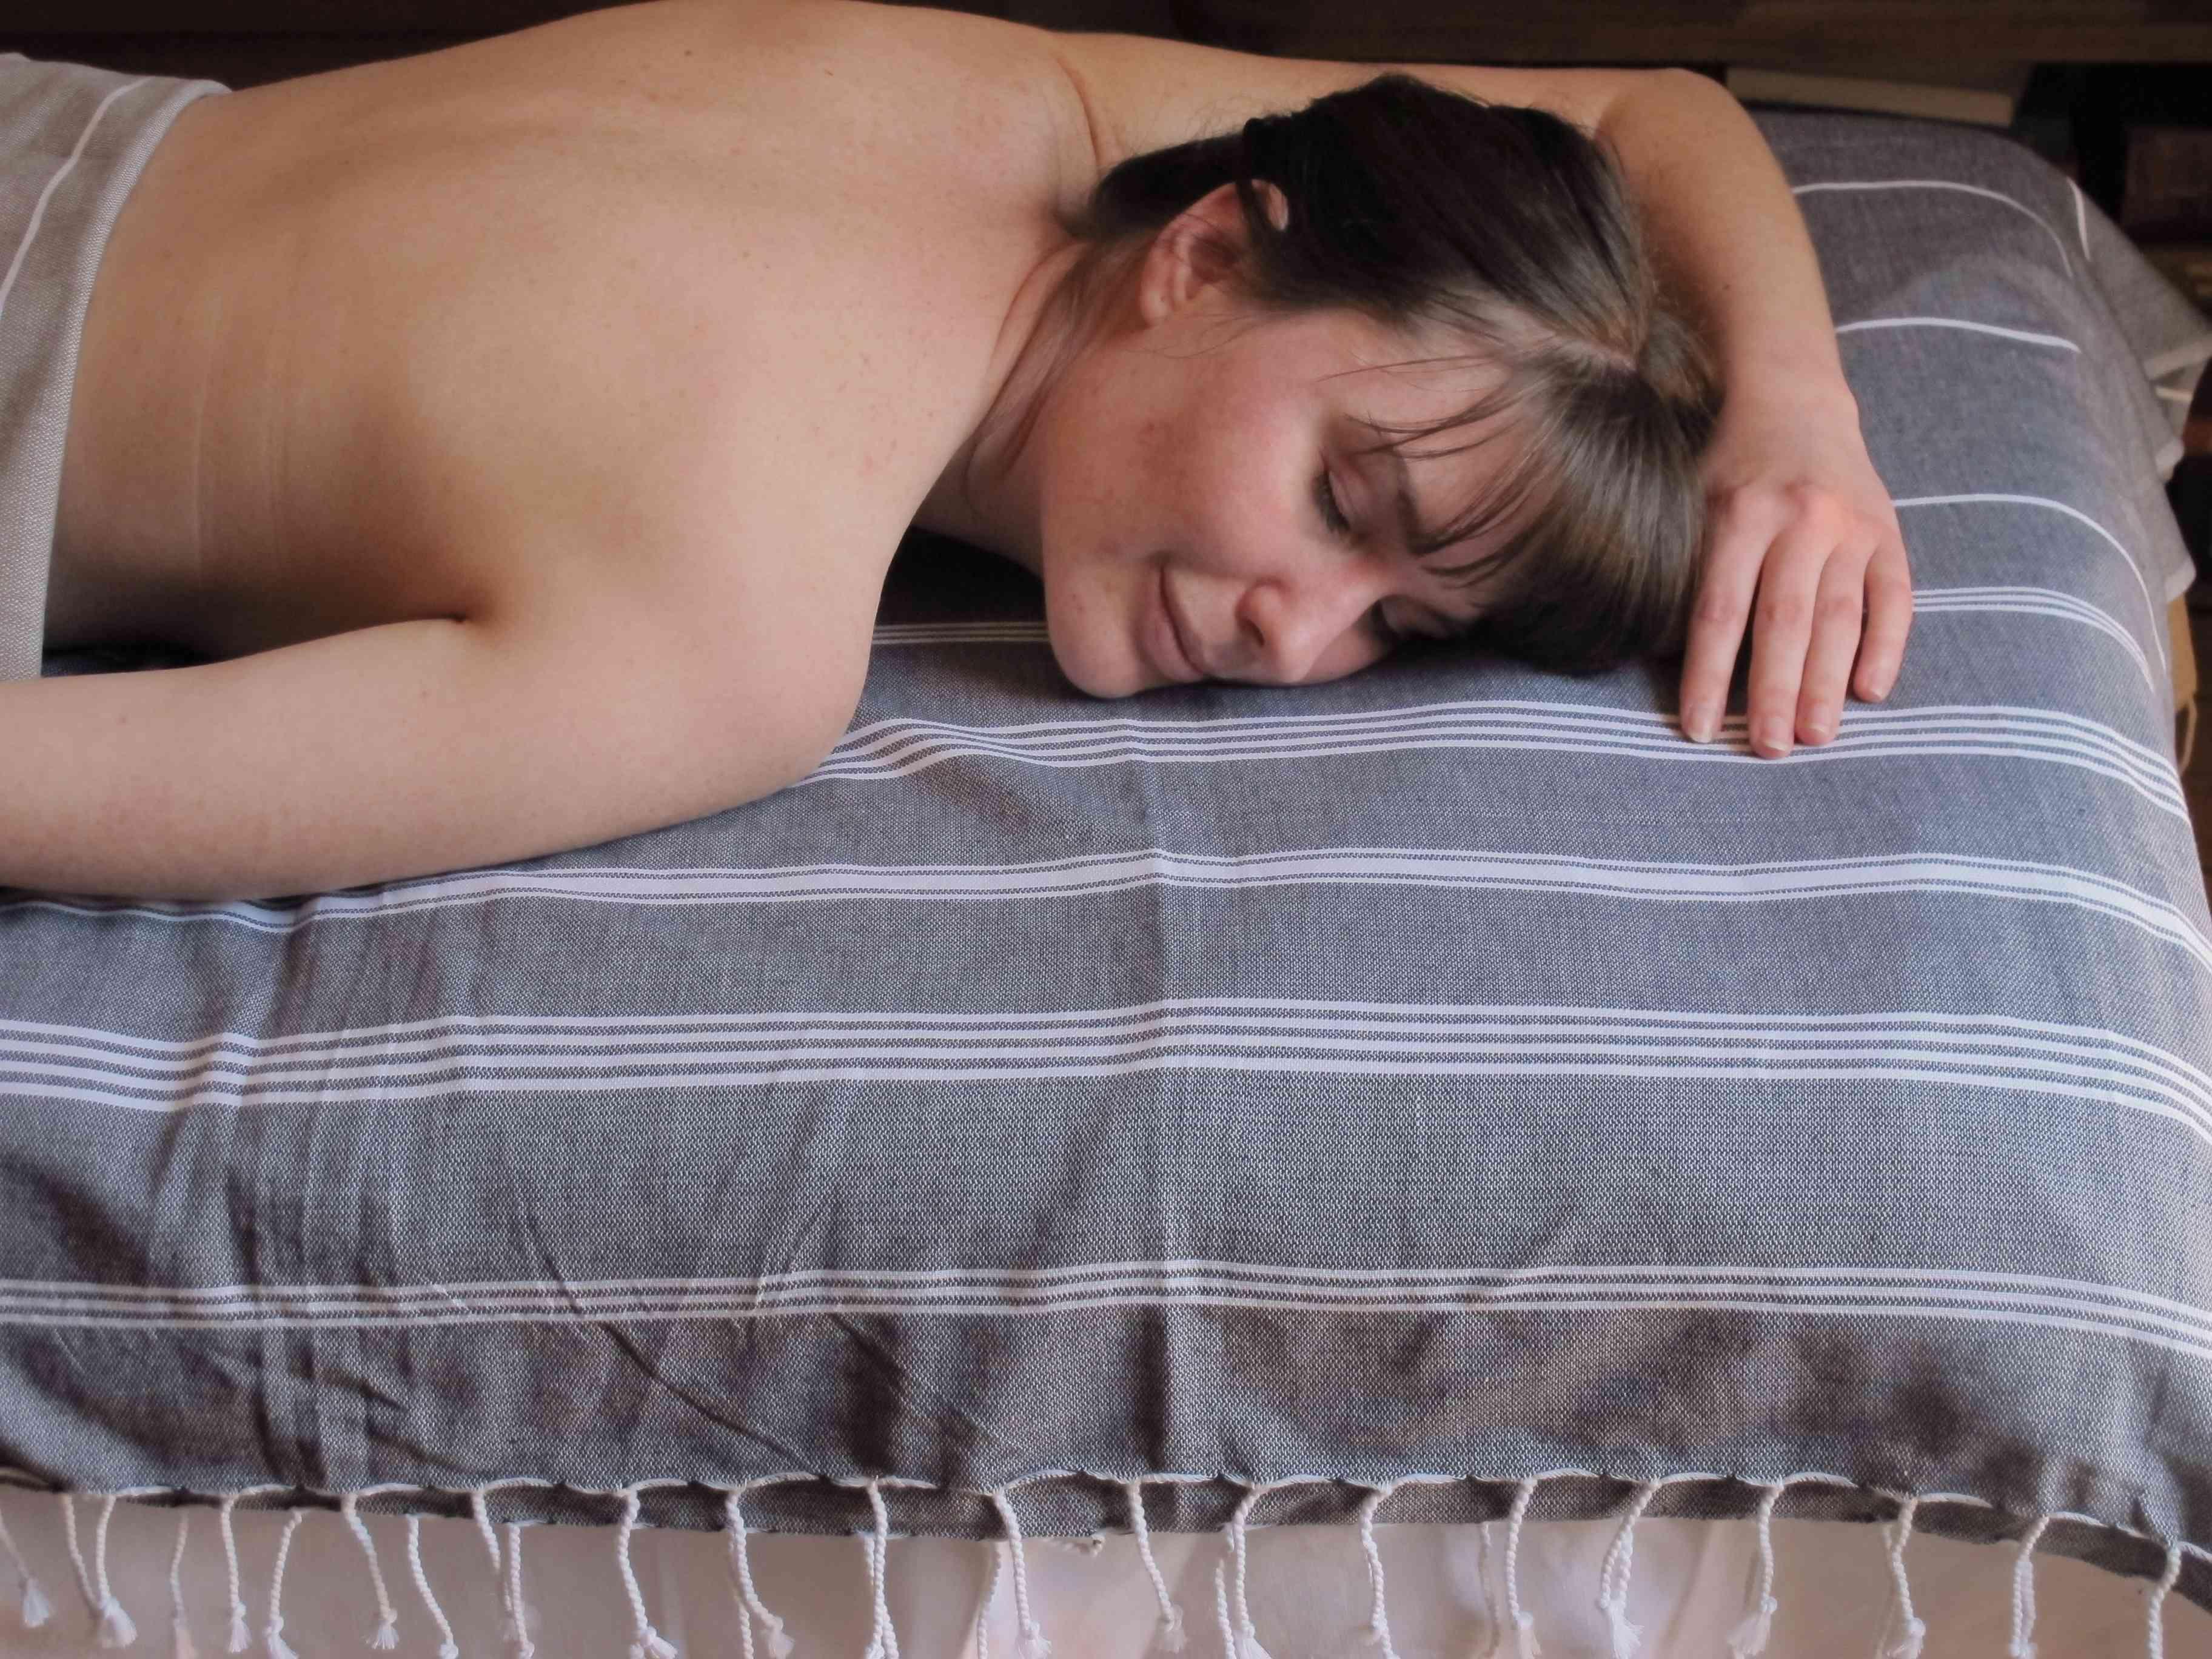 『法國原裝』獨家代理 - 100% Coton Organic  有機綿 (超吸水)歐洲經典 橘色條紋大浴巾 Foutas  2